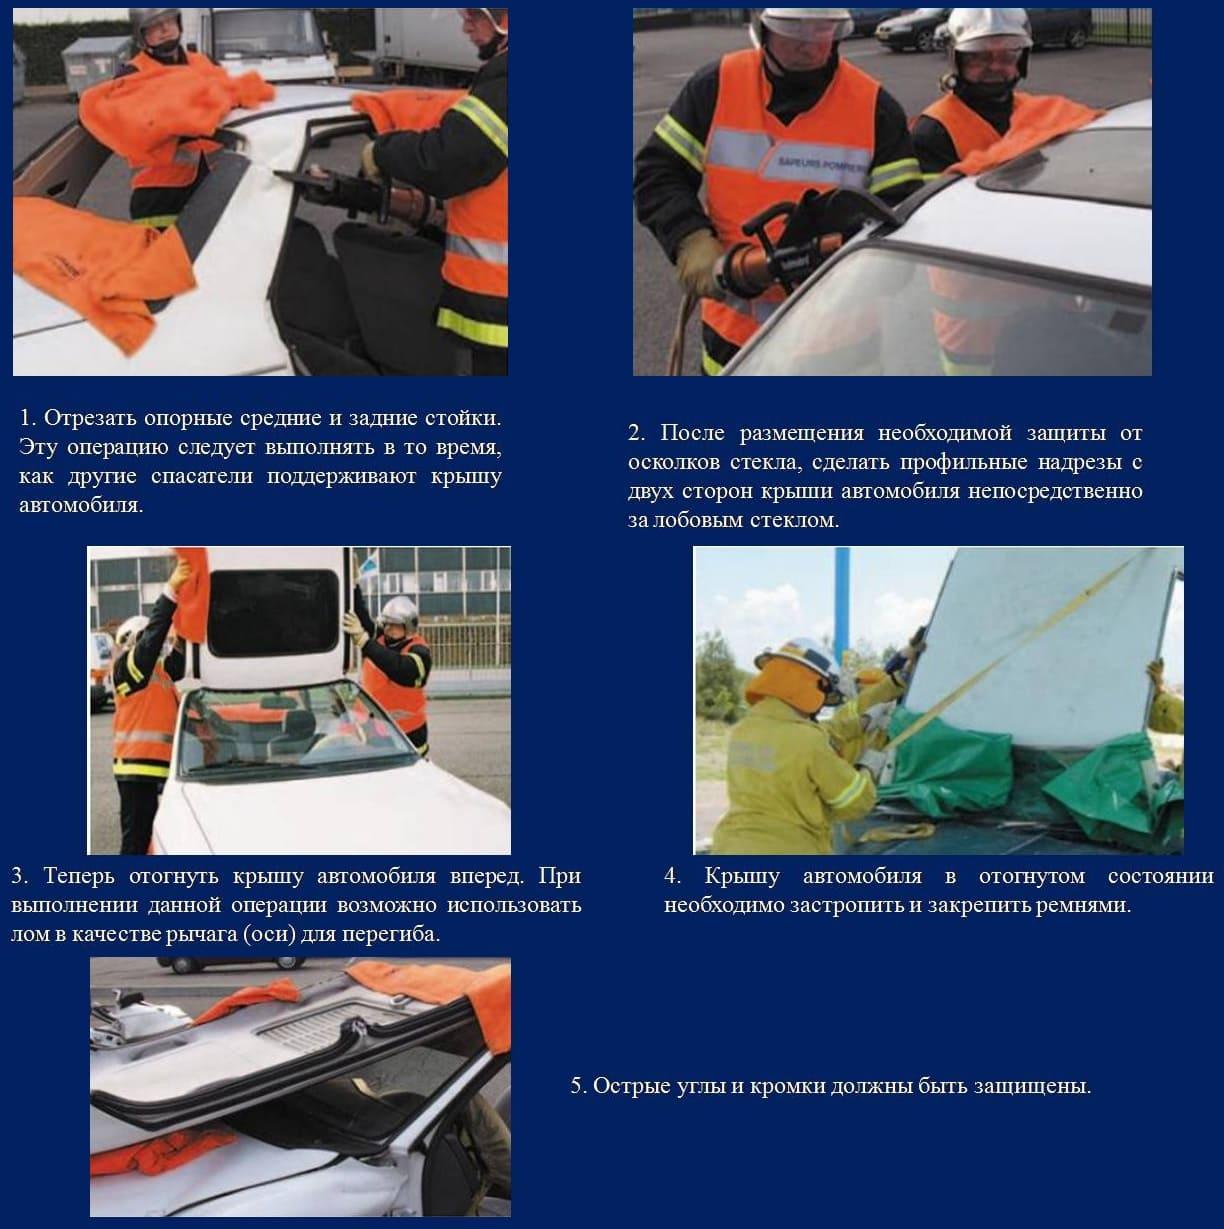 Технология откидывания крыши автомобиля вперед